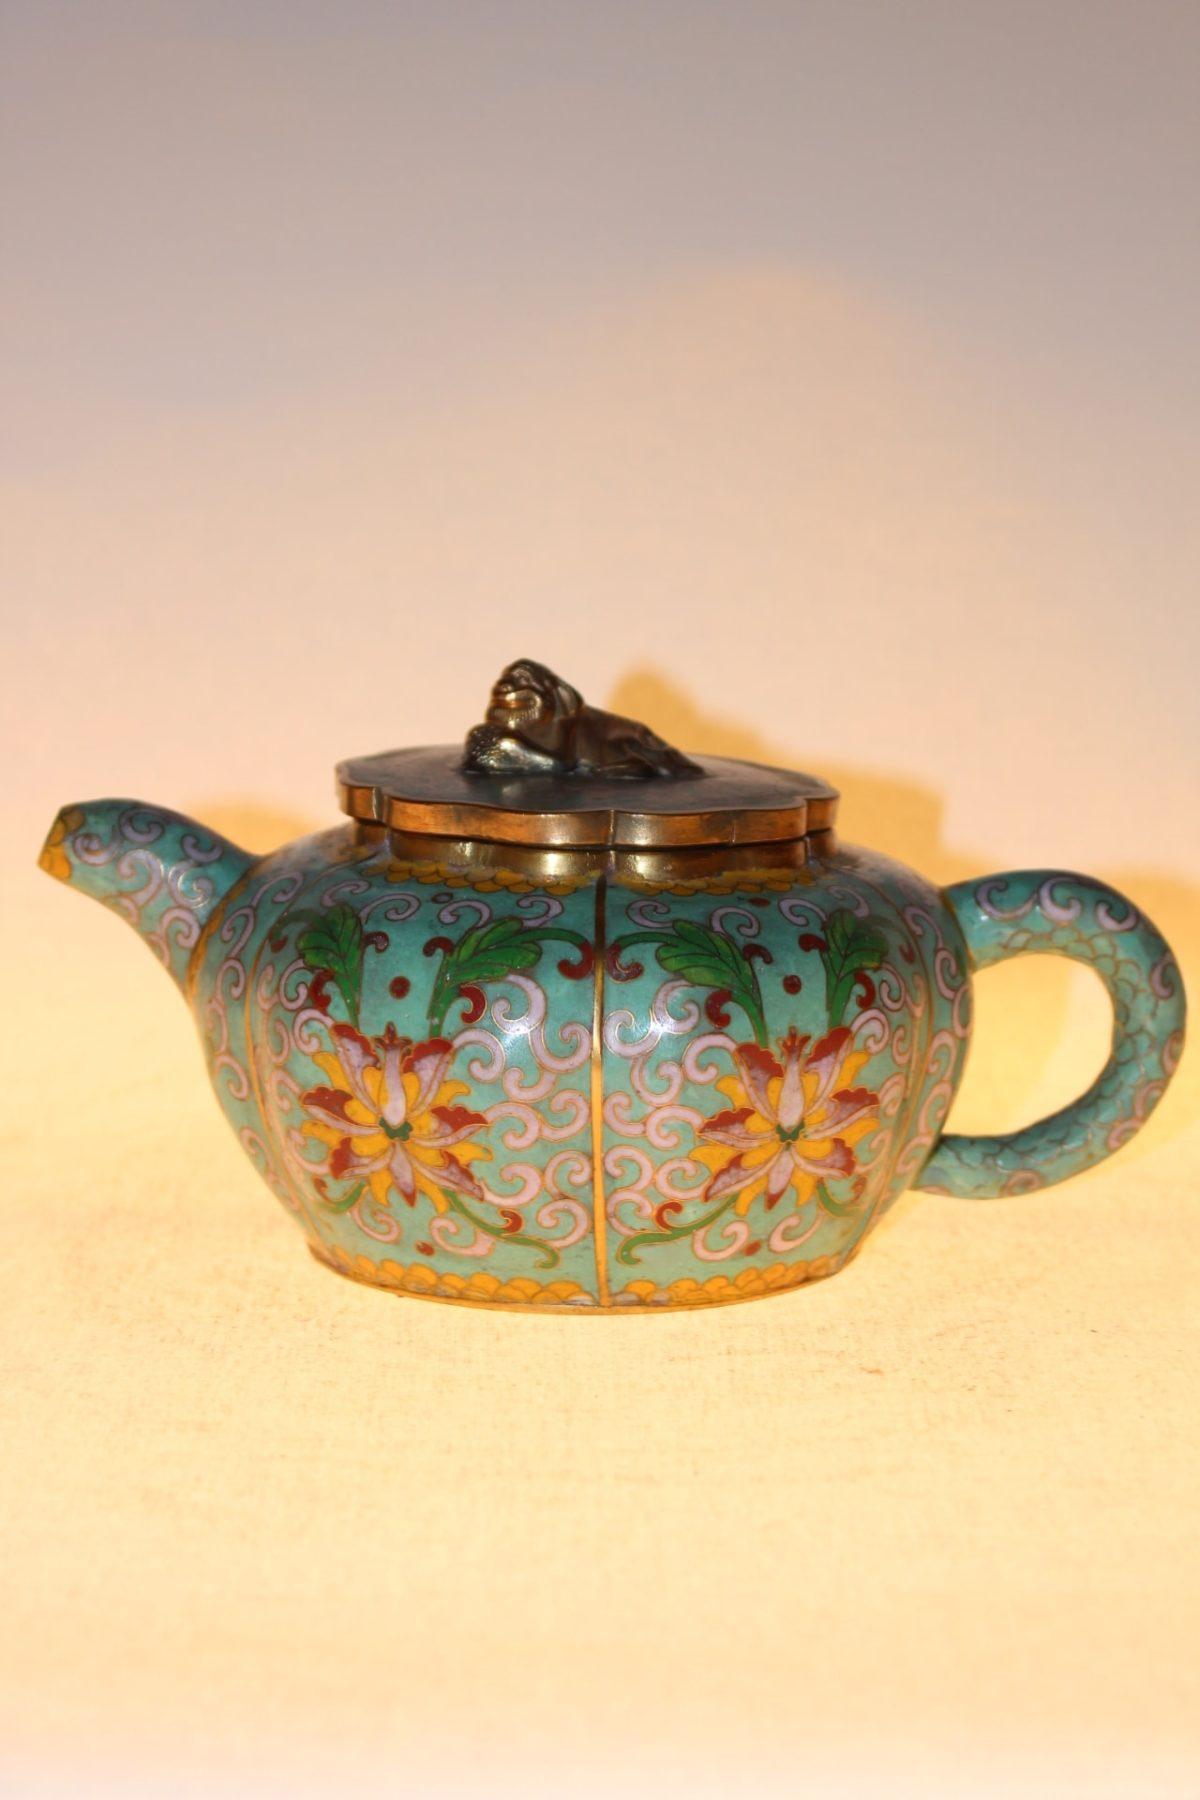 Chinesische Teekanne aus Cloisonné, ca. 75 Jahre alt, 10 x 19,5 x 12,5 cm